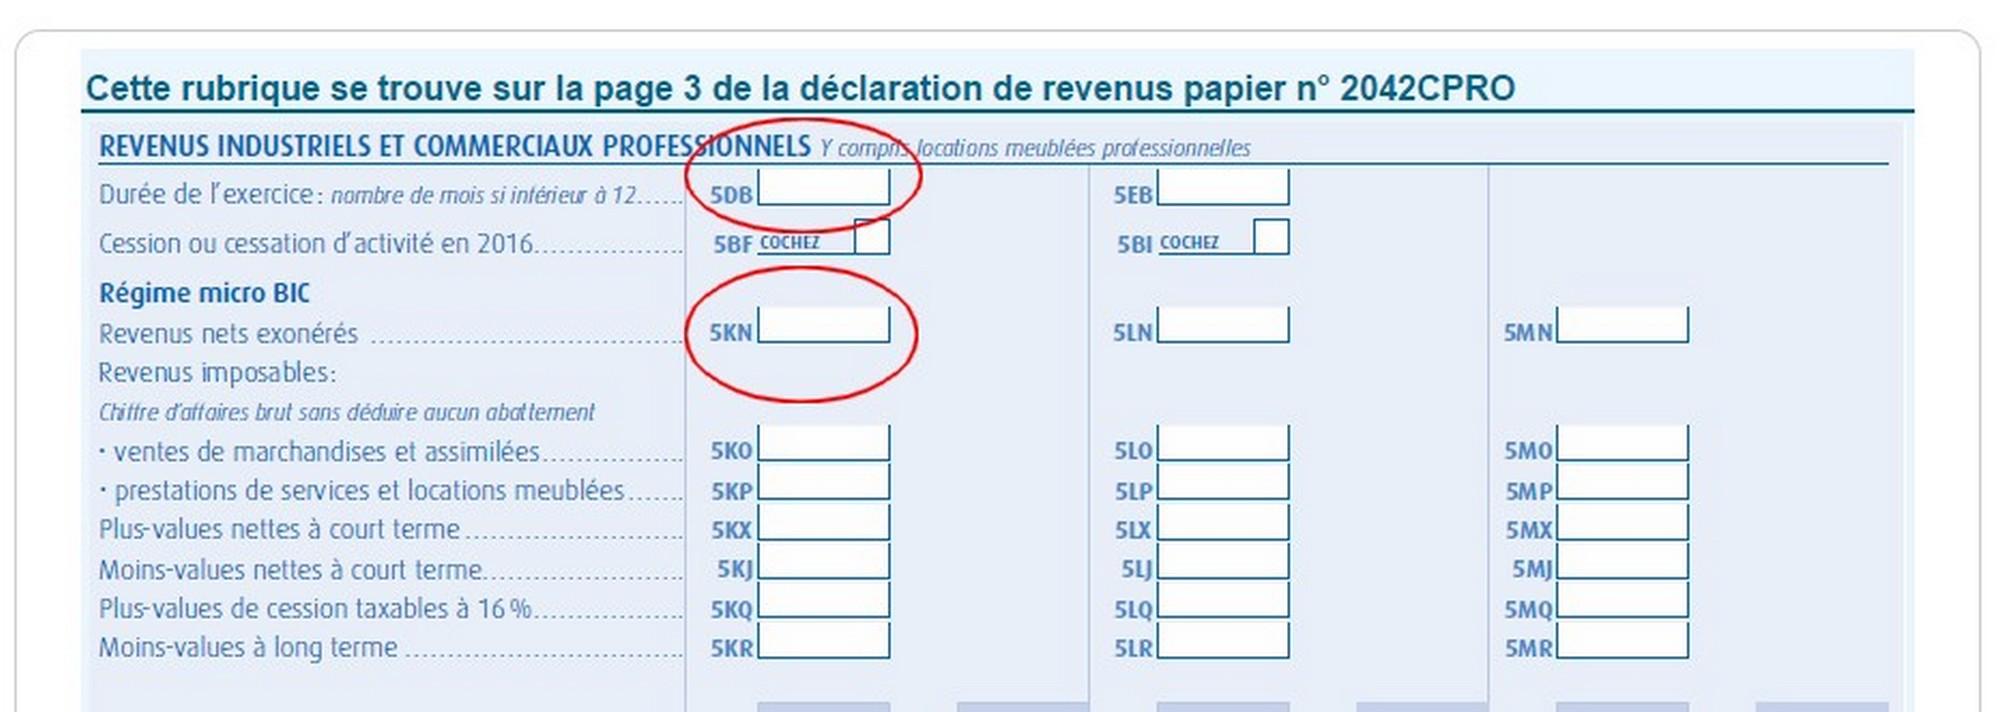 déclarer l'impôt sur le revenu auto-entreprise déclaration prélèvement libératoire